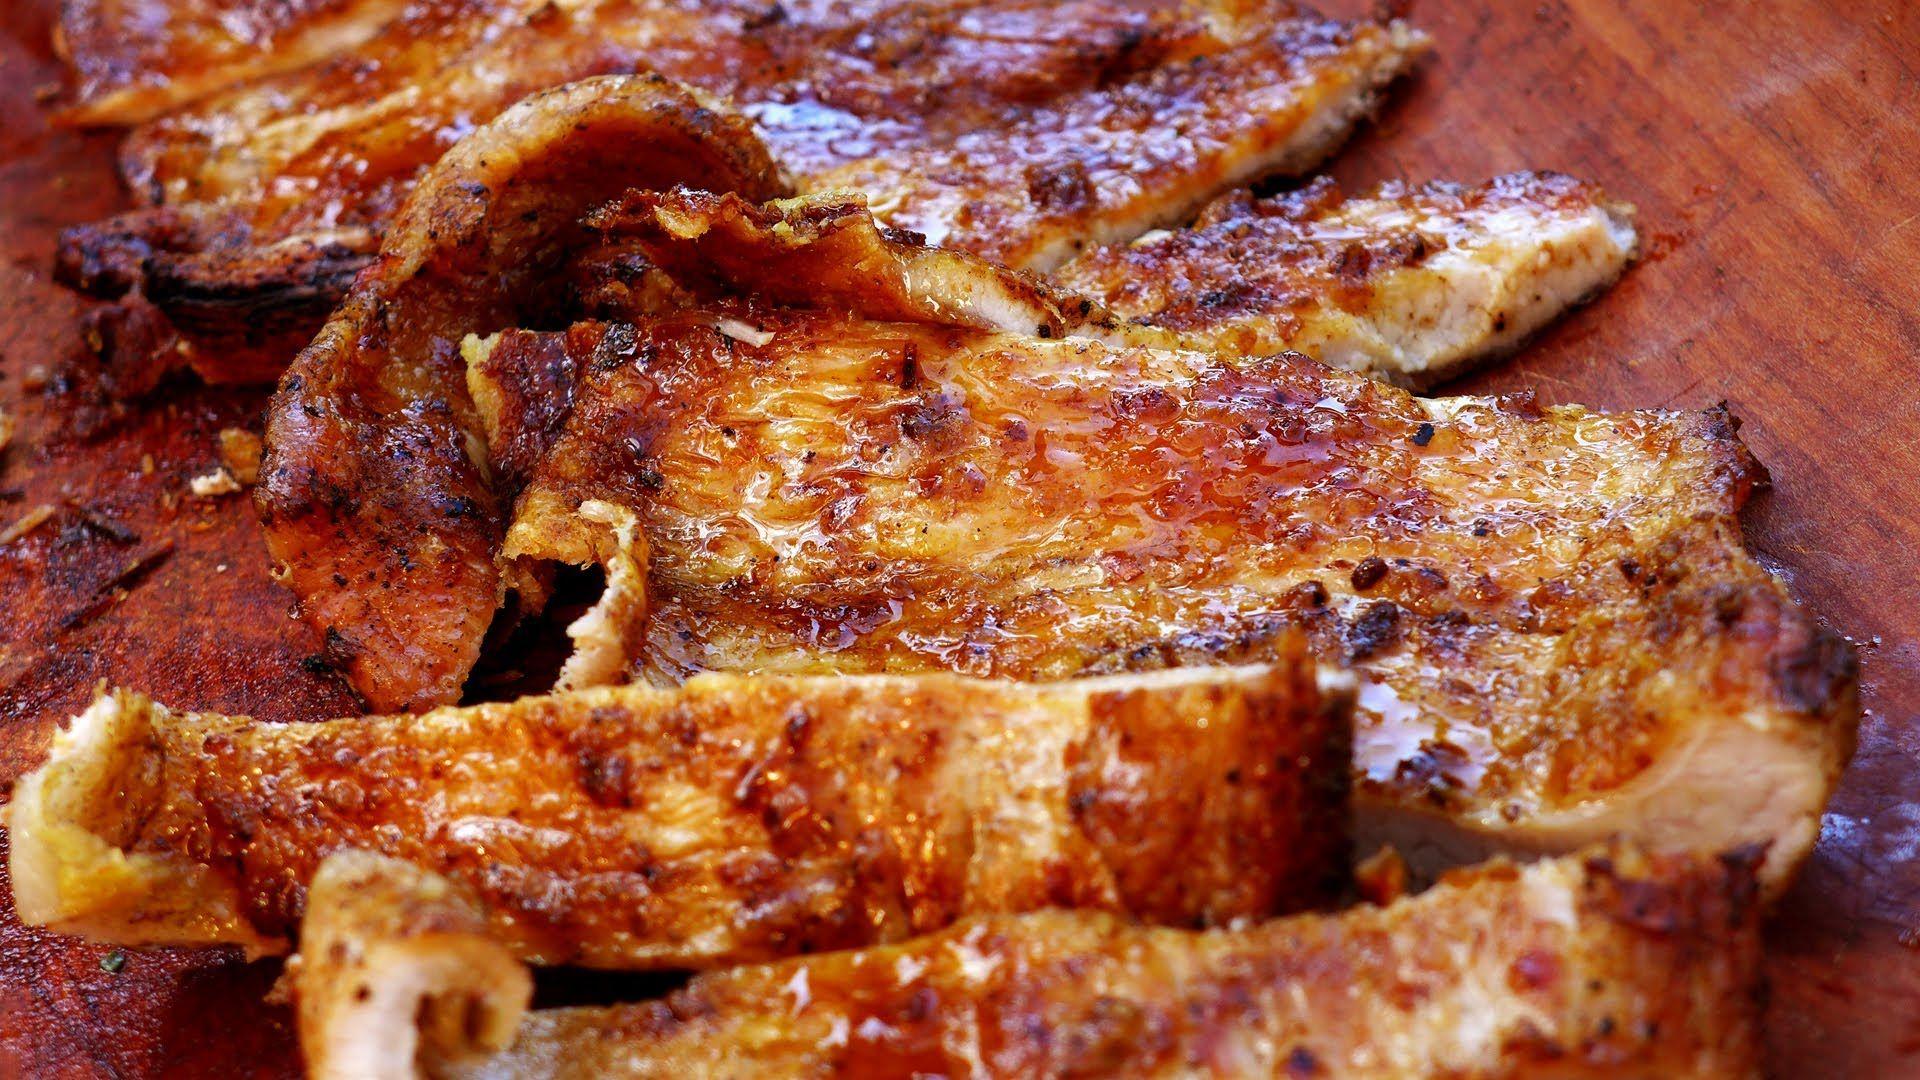 El Matambre De Cerdo Es Sumamente Tierno Y Delicioso Para Asar A La Parrilla En Estos Ultimos Tiempos Se Ha Ido Transformando Parte Infaltable Los